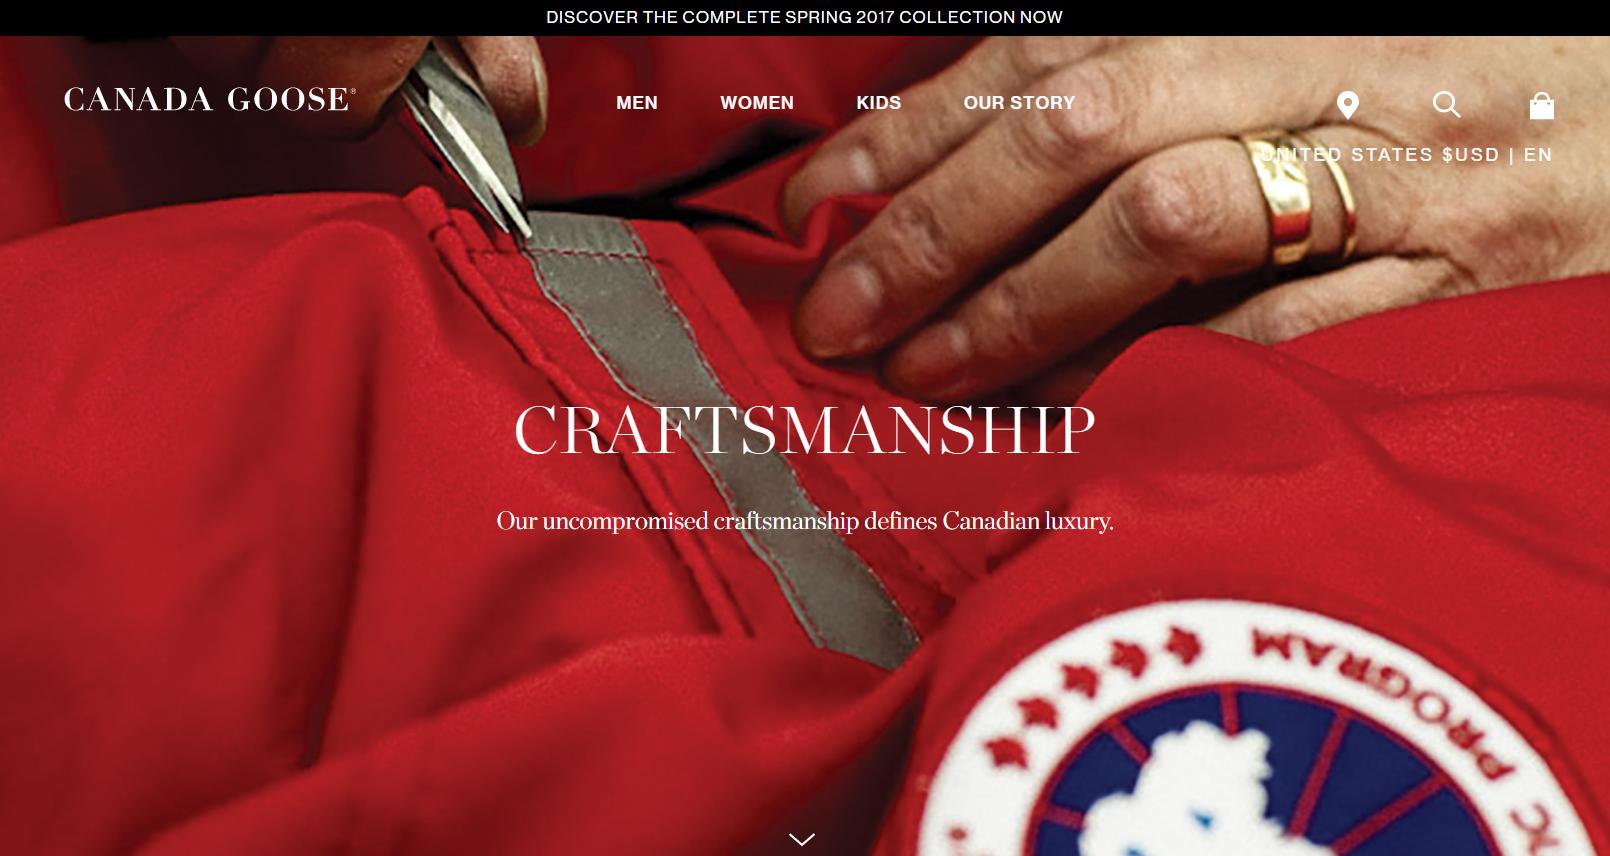 Tagline examples: Canada Goose, Craftmanship